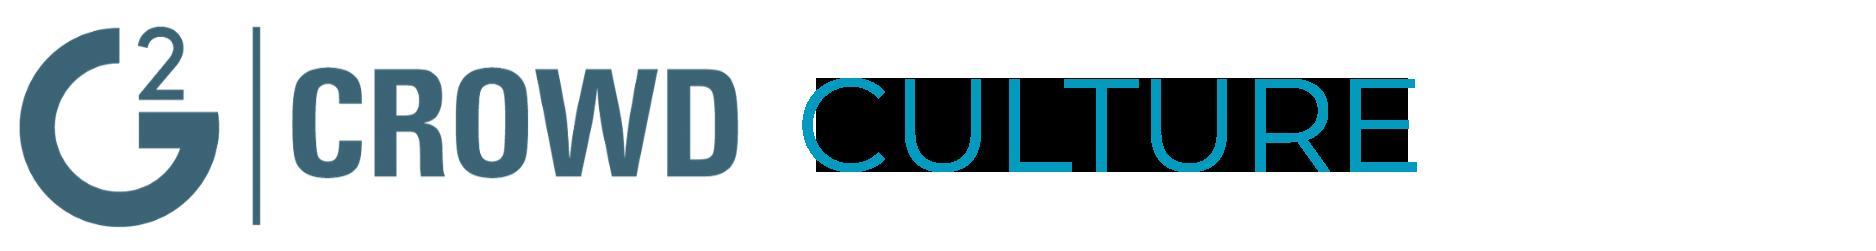 g2crowd-cb-logo